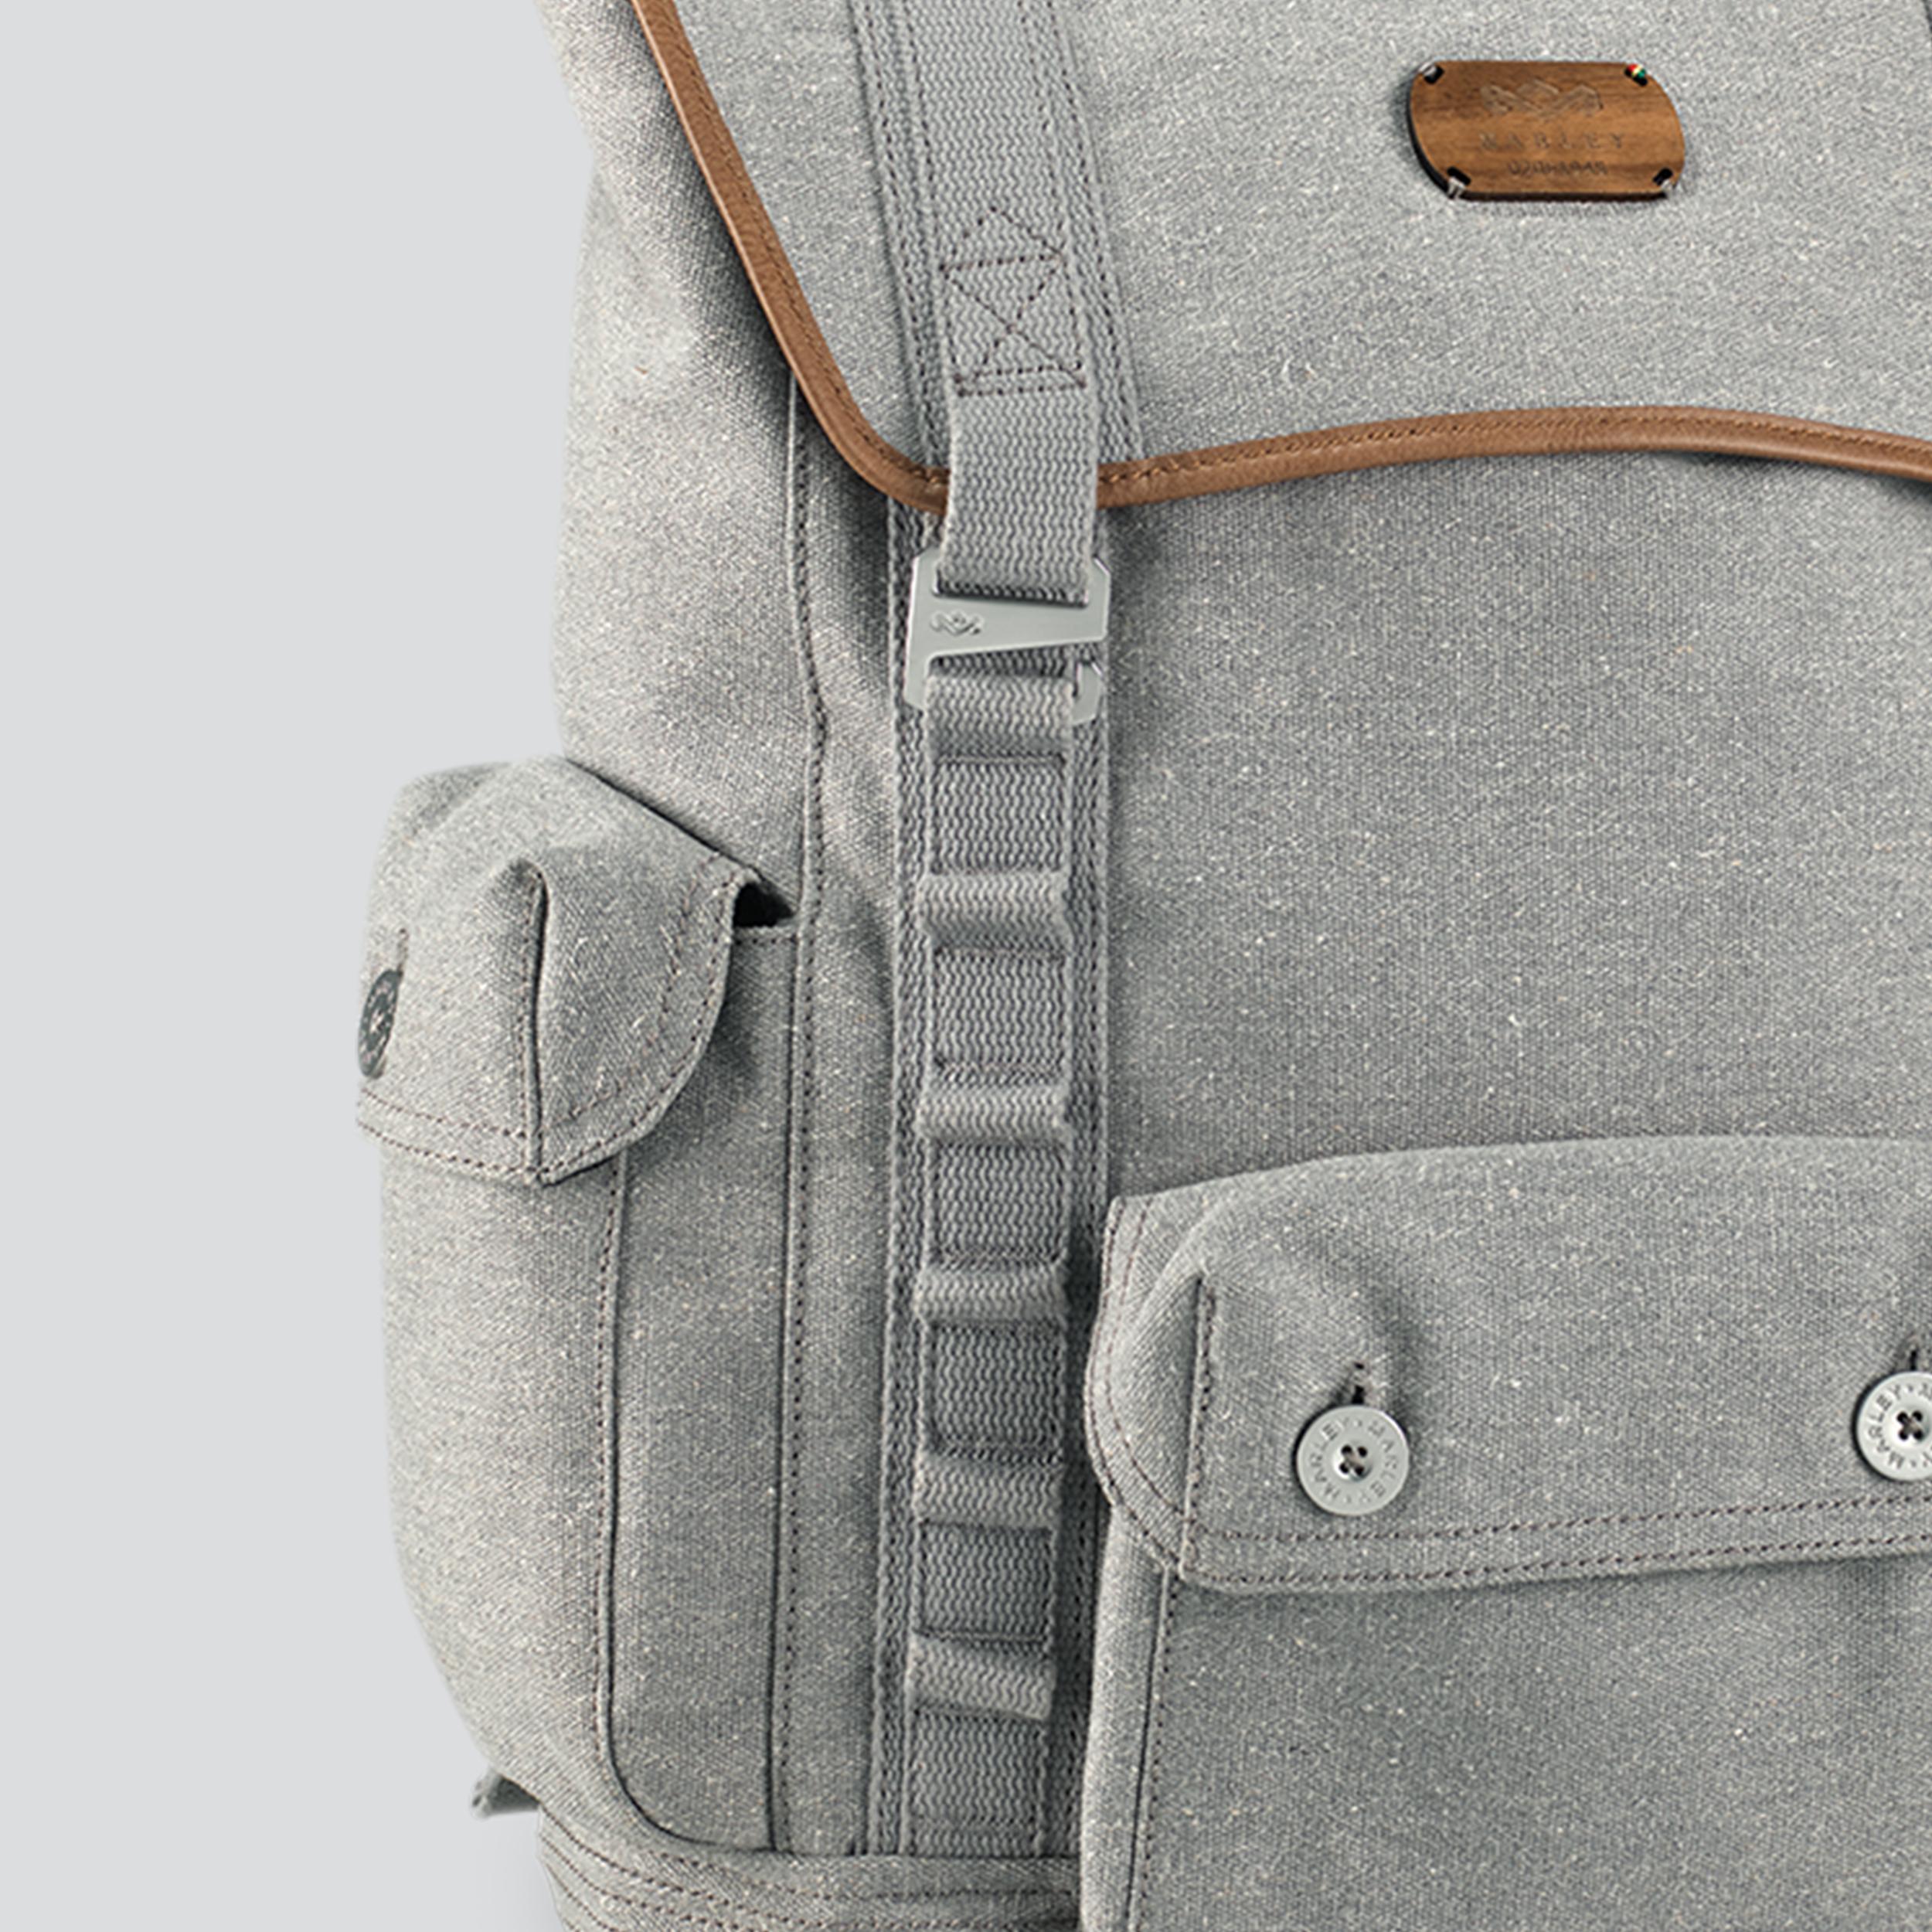 Backpack - V1.png